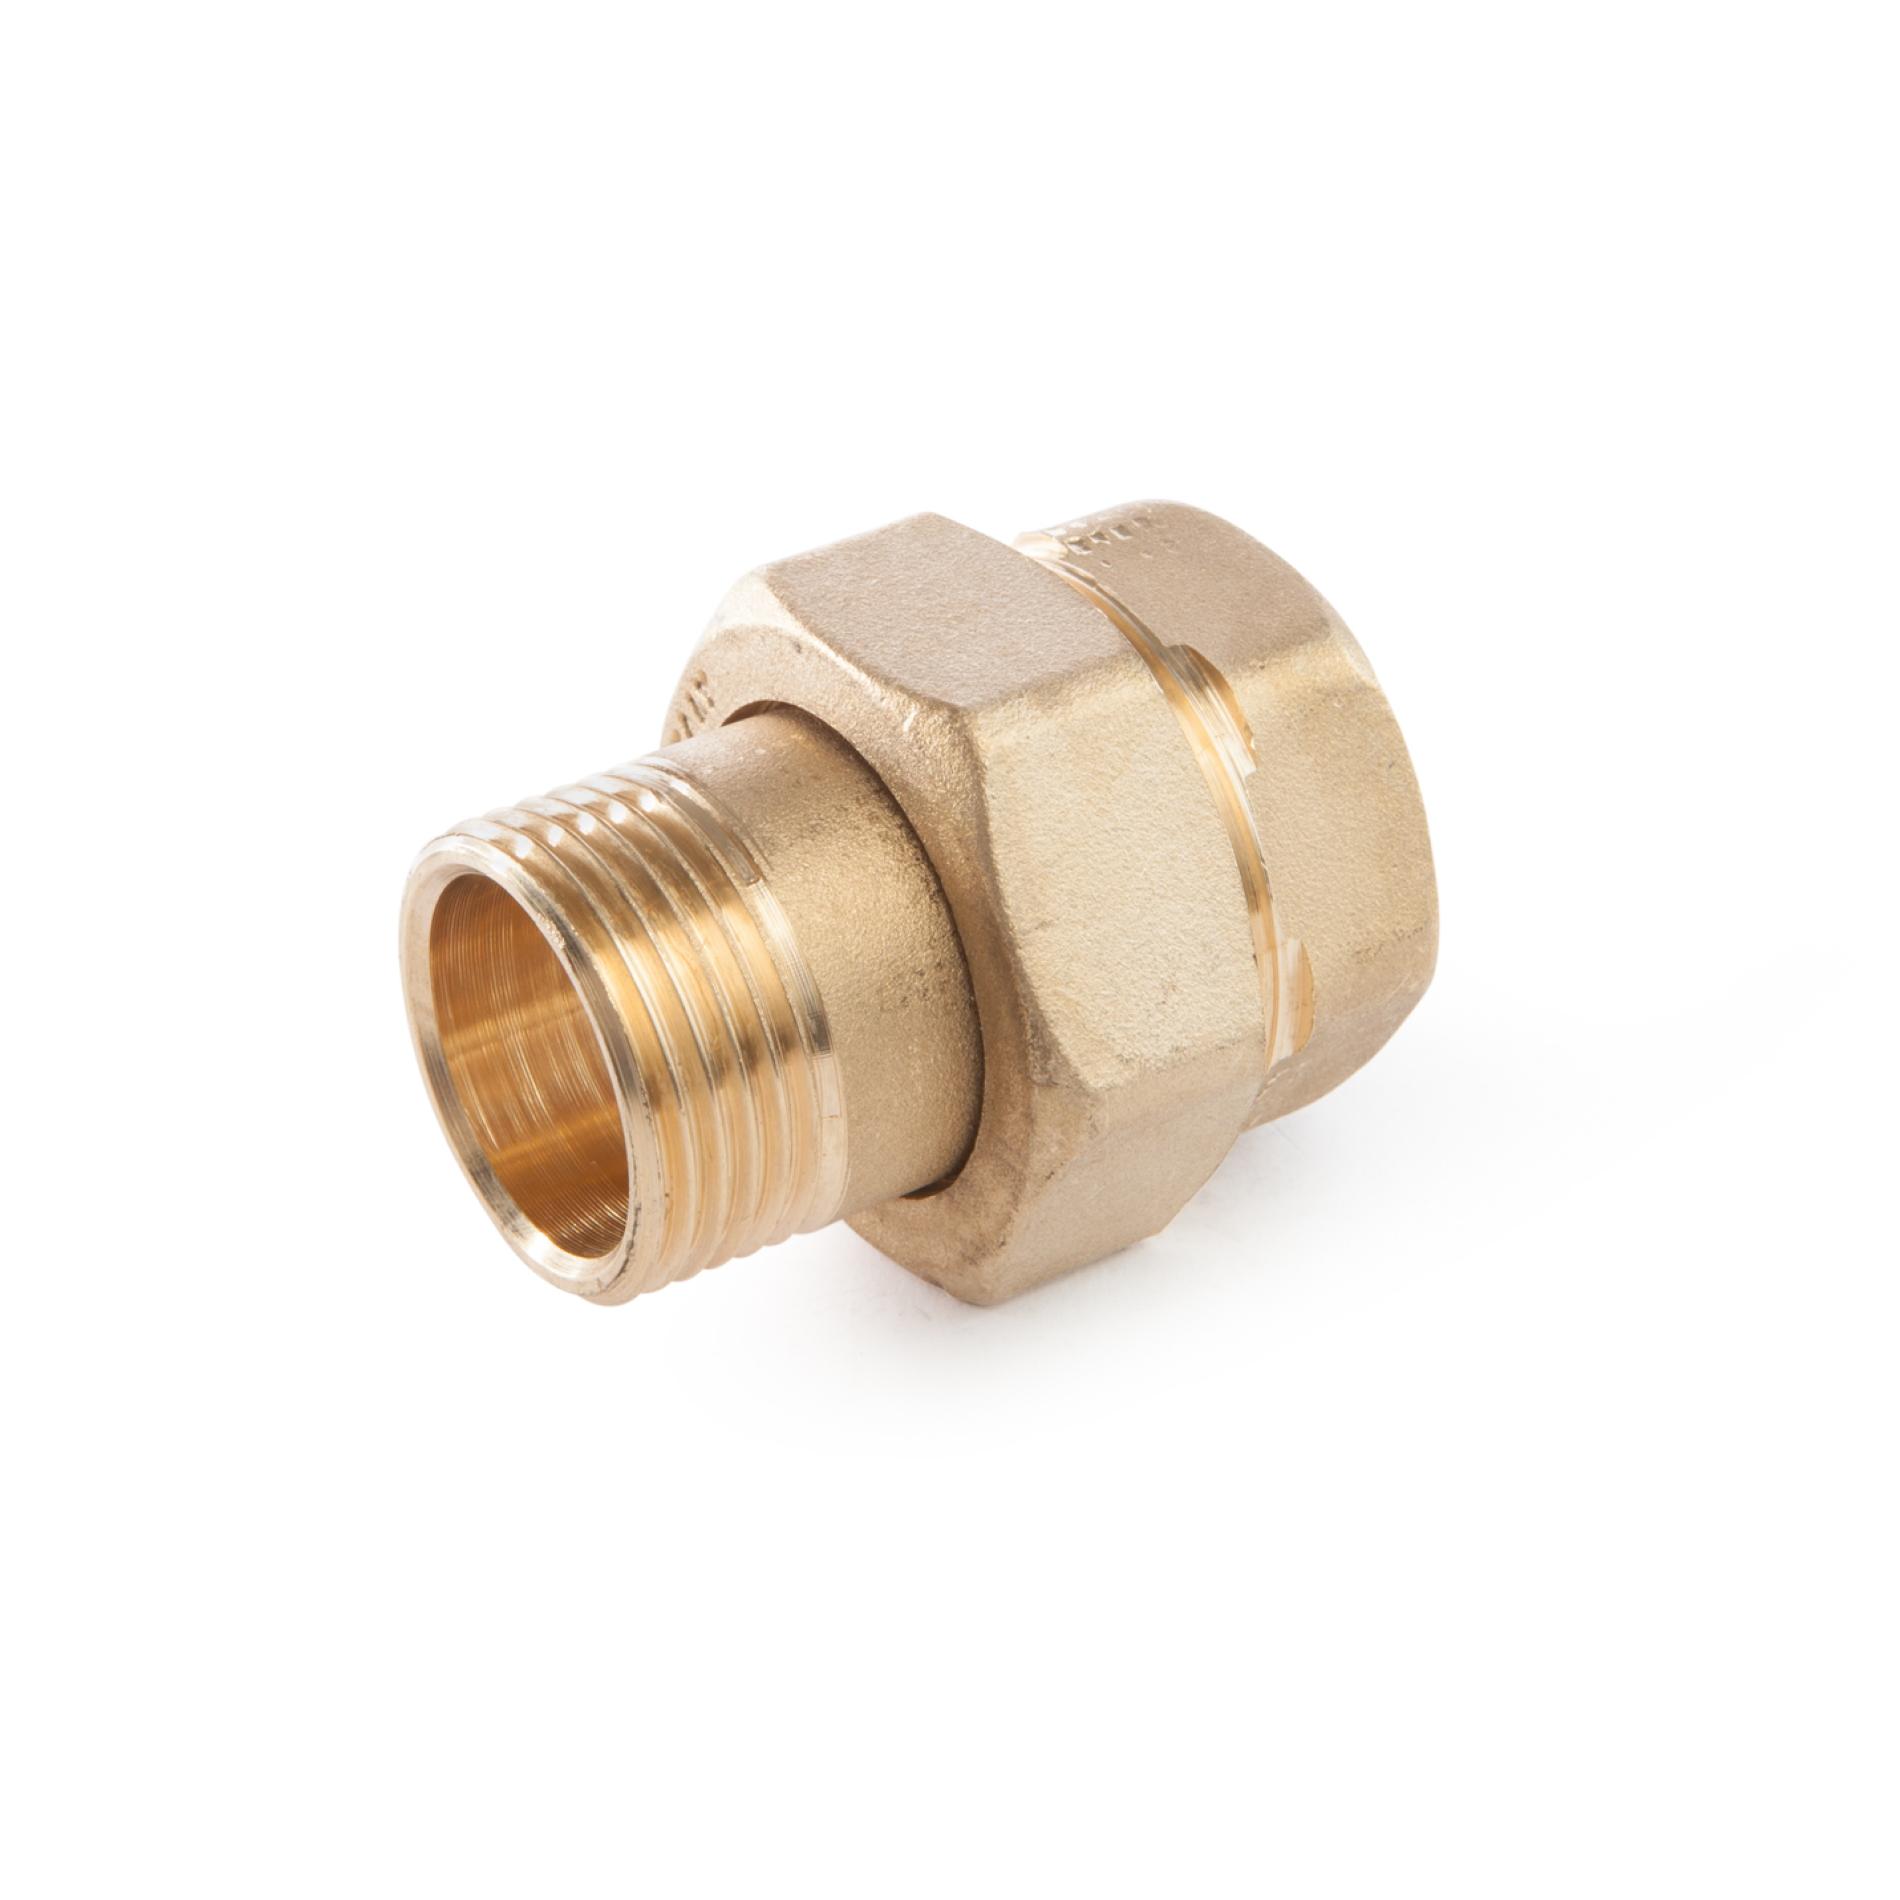 603 Raccordo diritto in tre pezzi MxF tenuta o-ring NBR three-piece straight coupling MxF NBR o-ring rubber sea threaded ottone filettato brass